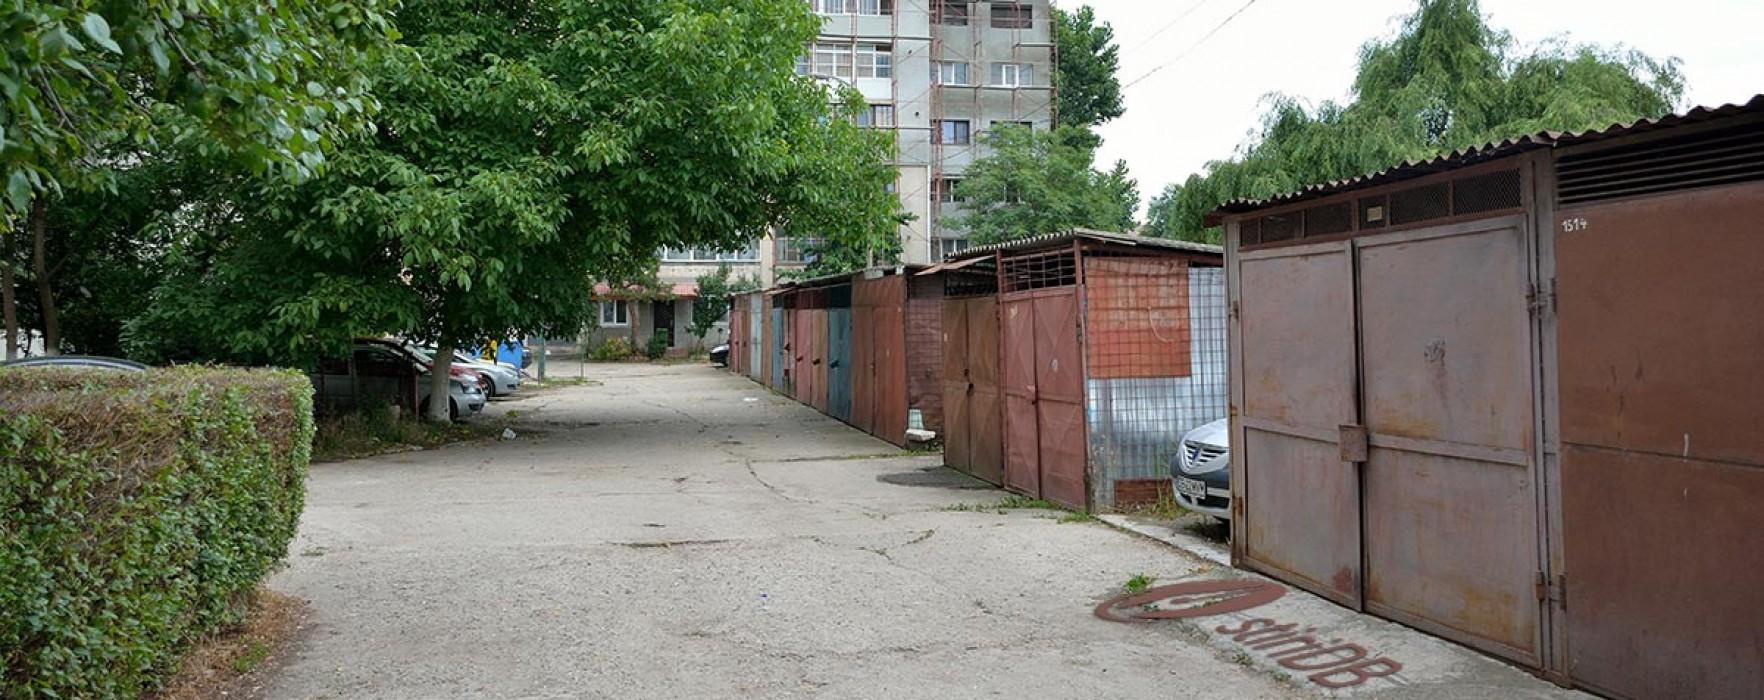 Târgovişte: Vor fi dărâmate garajele din zona blocului 72 (lângă tipografie) din micro 6